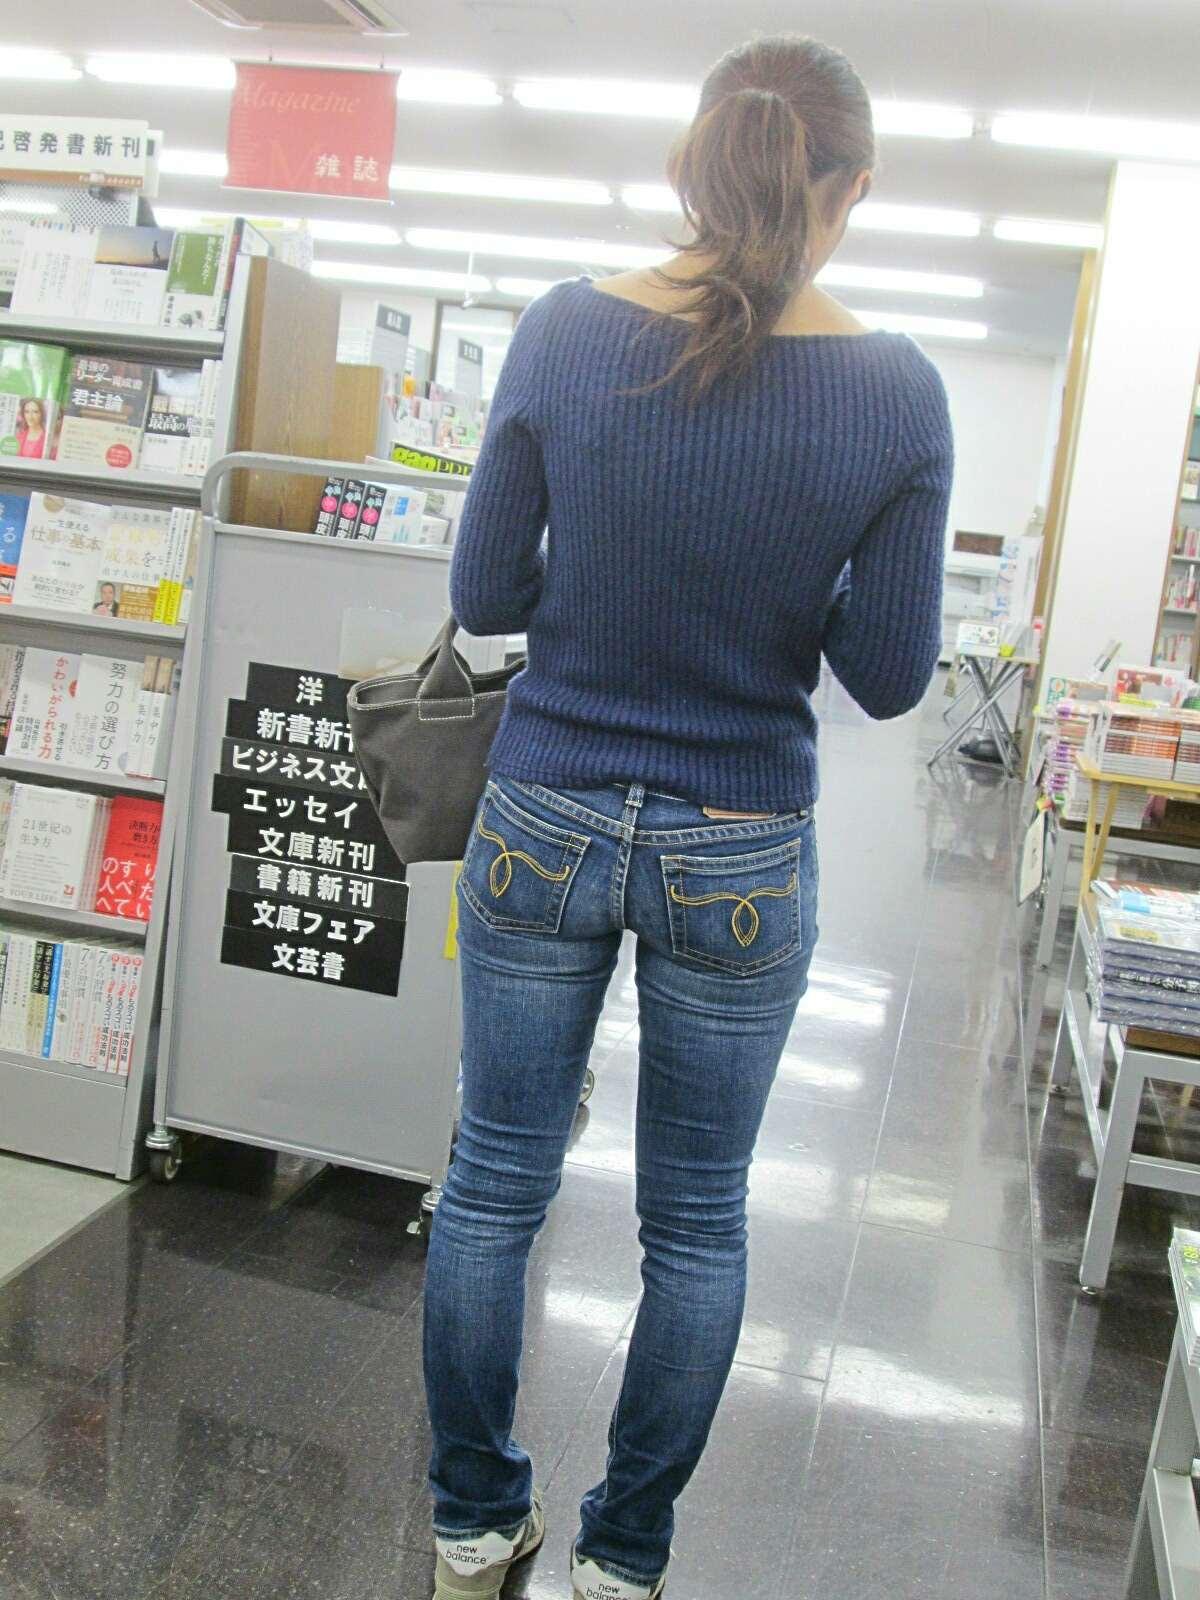 デニムを履いたお姉さんのお尻のエロさは異常www素人街撮り画像www 21165